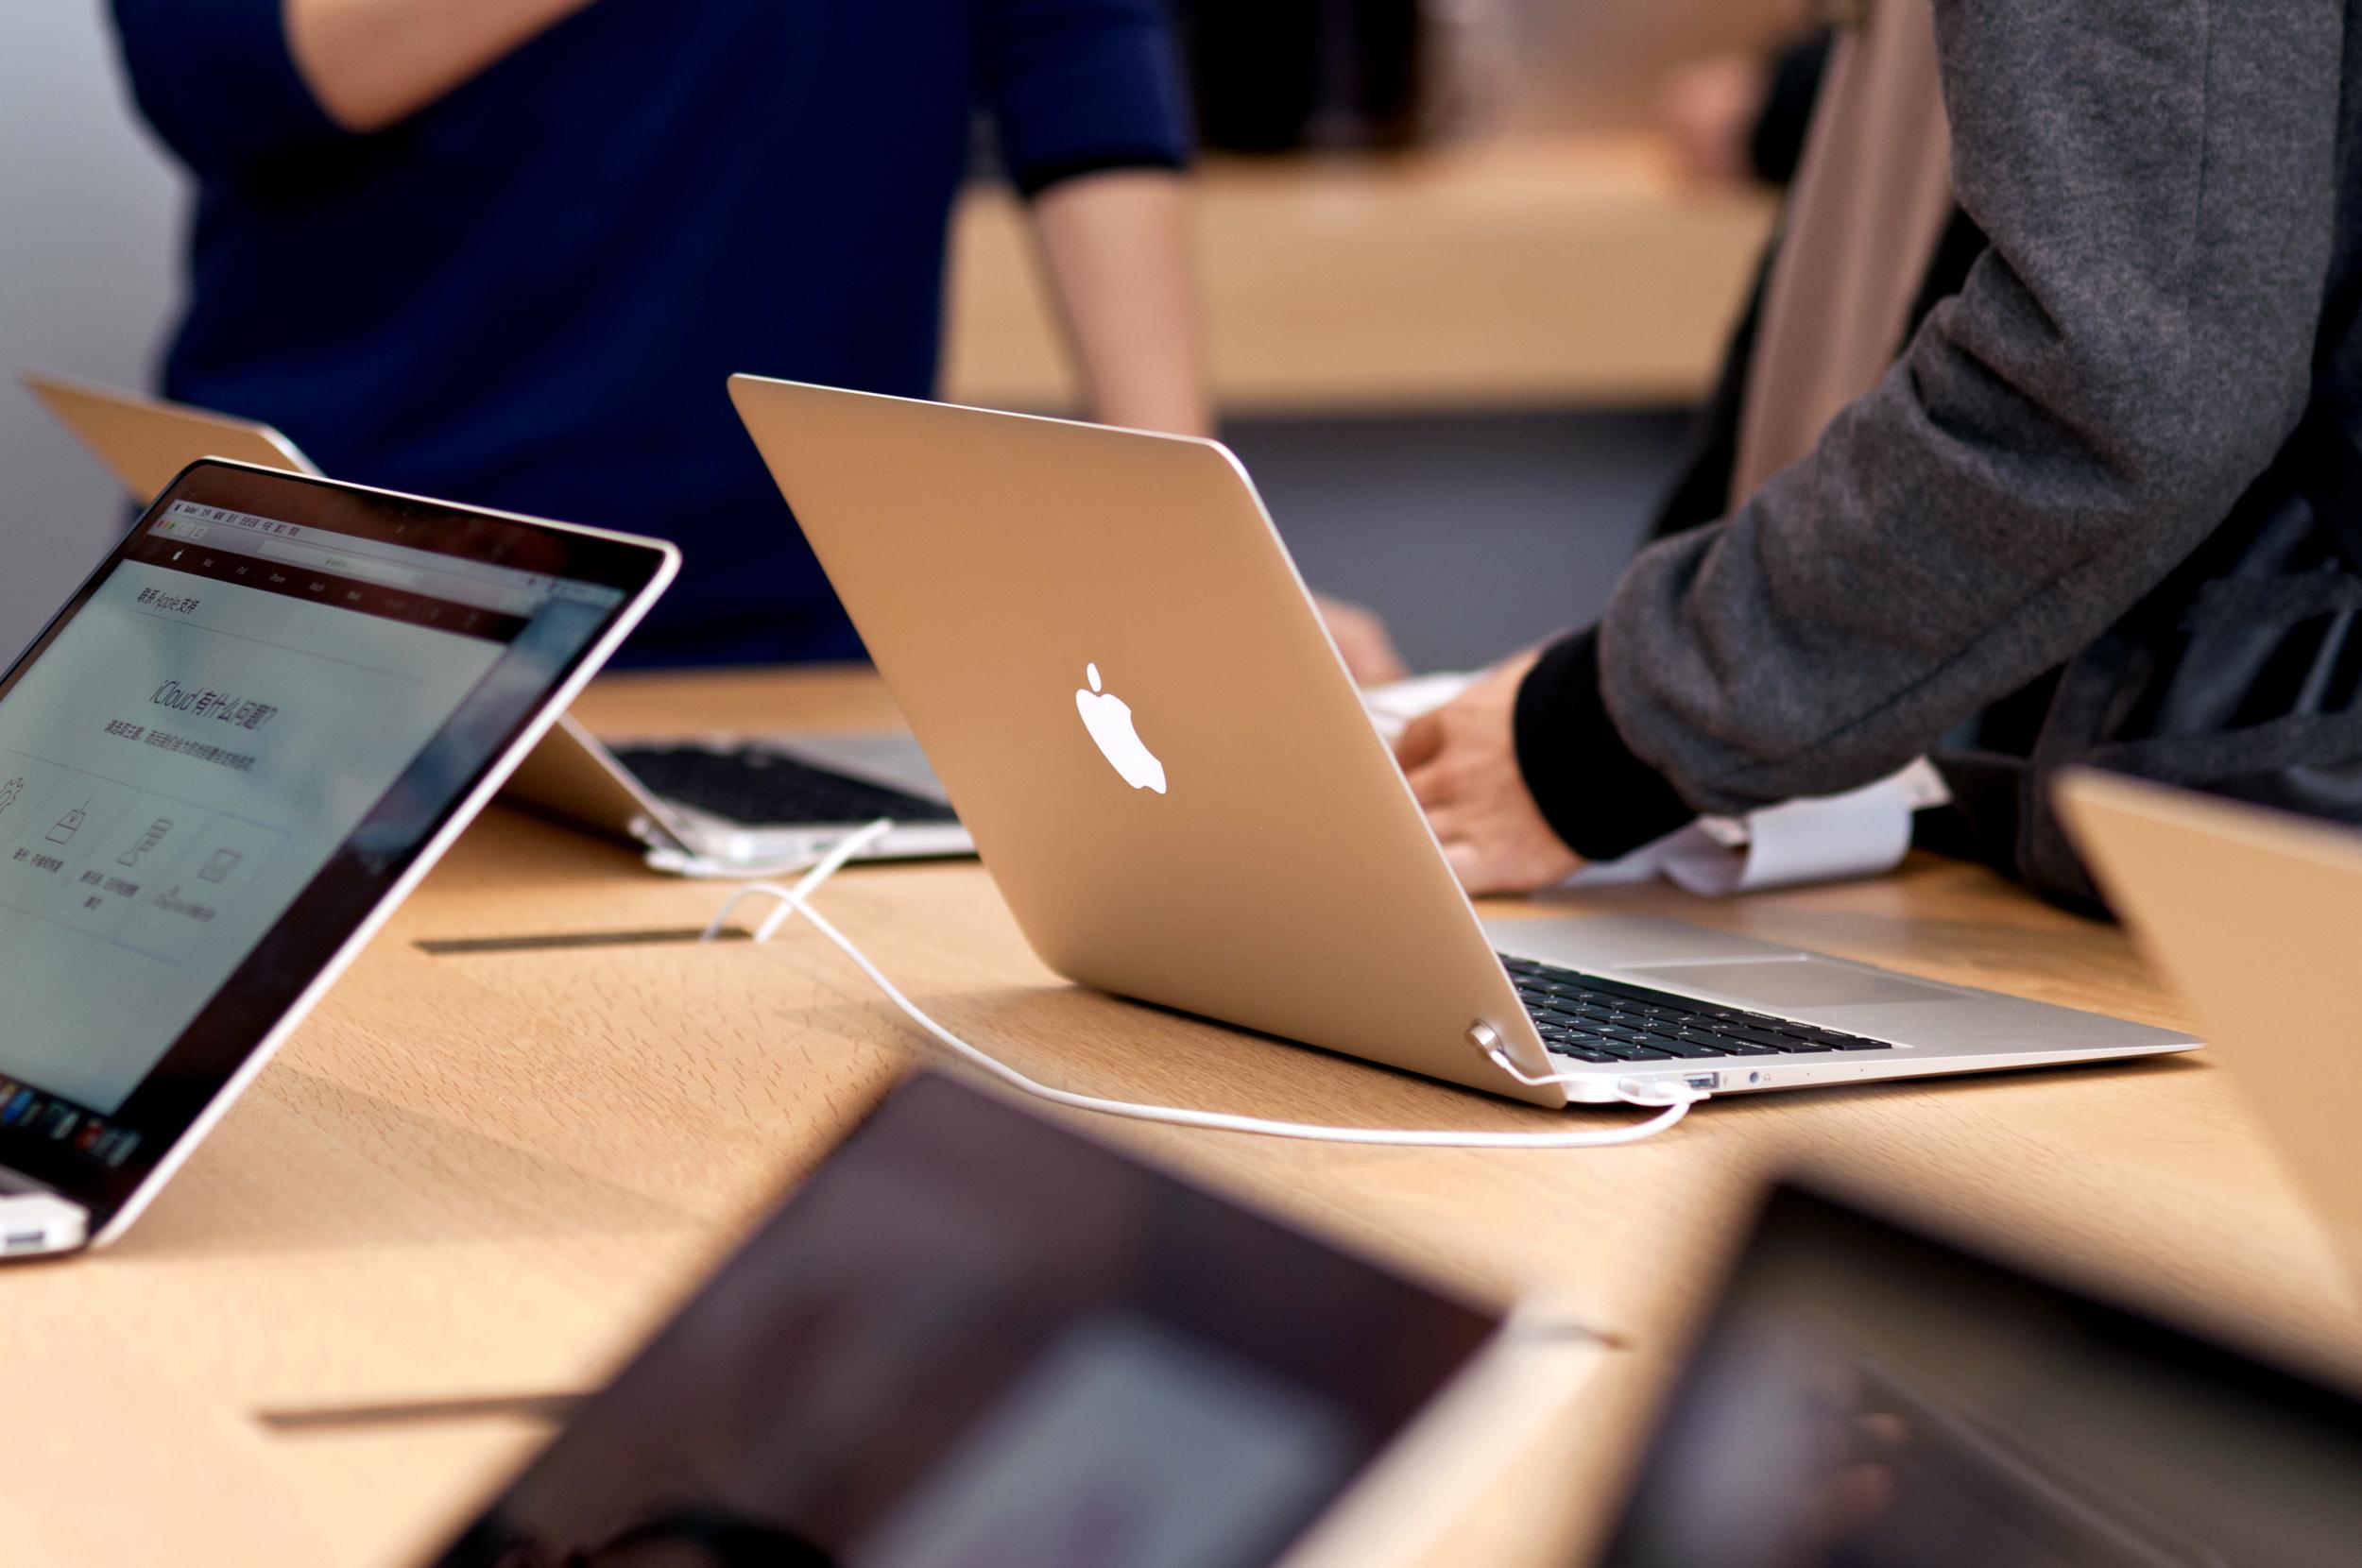 Best Cyber Monday Laptop Deals To Shop 2019